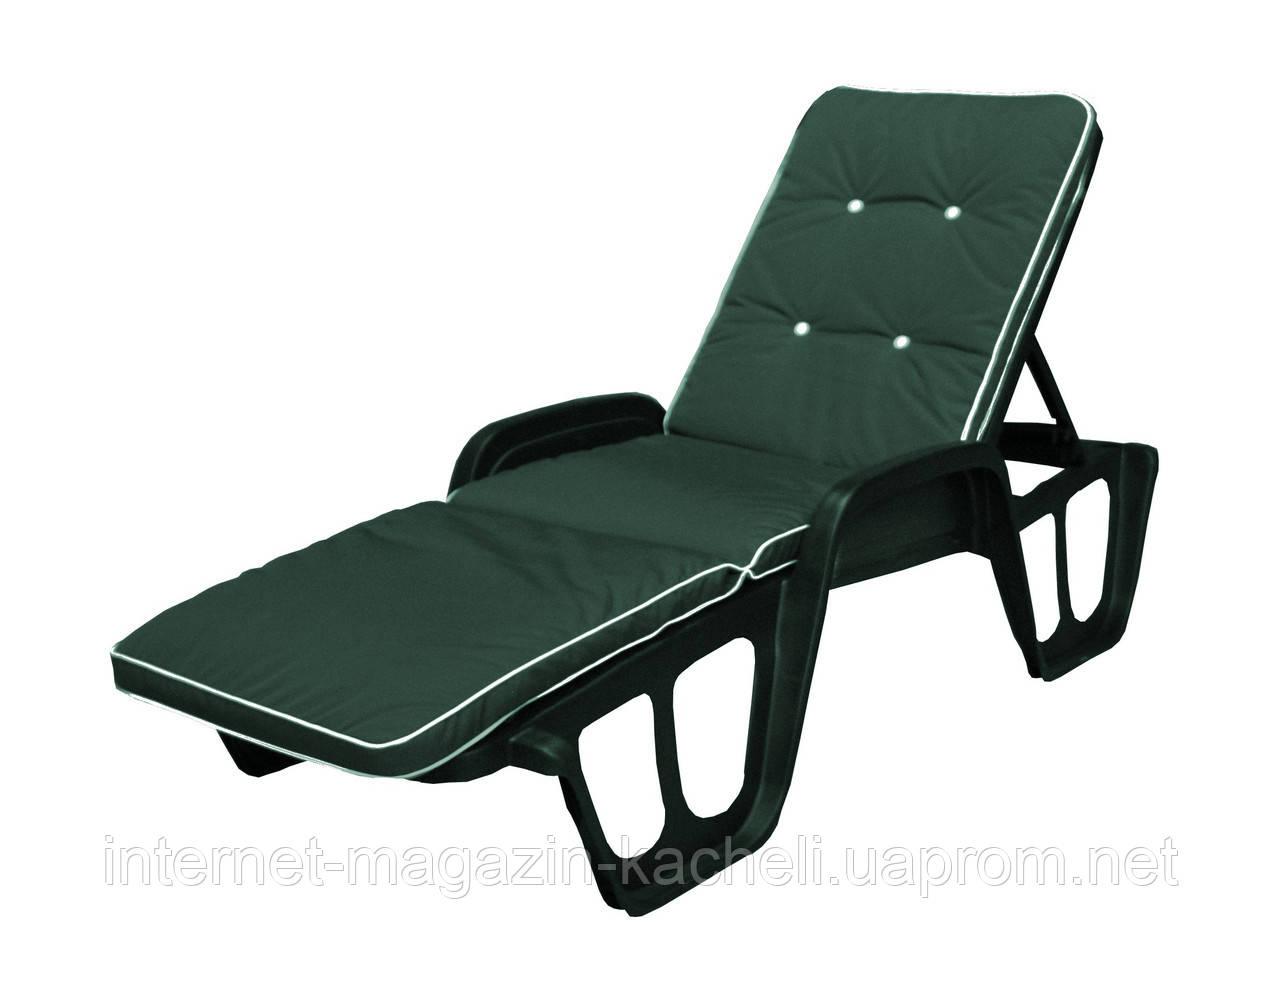 Матрас для лежака PUNTO дралон, толщина 5 см